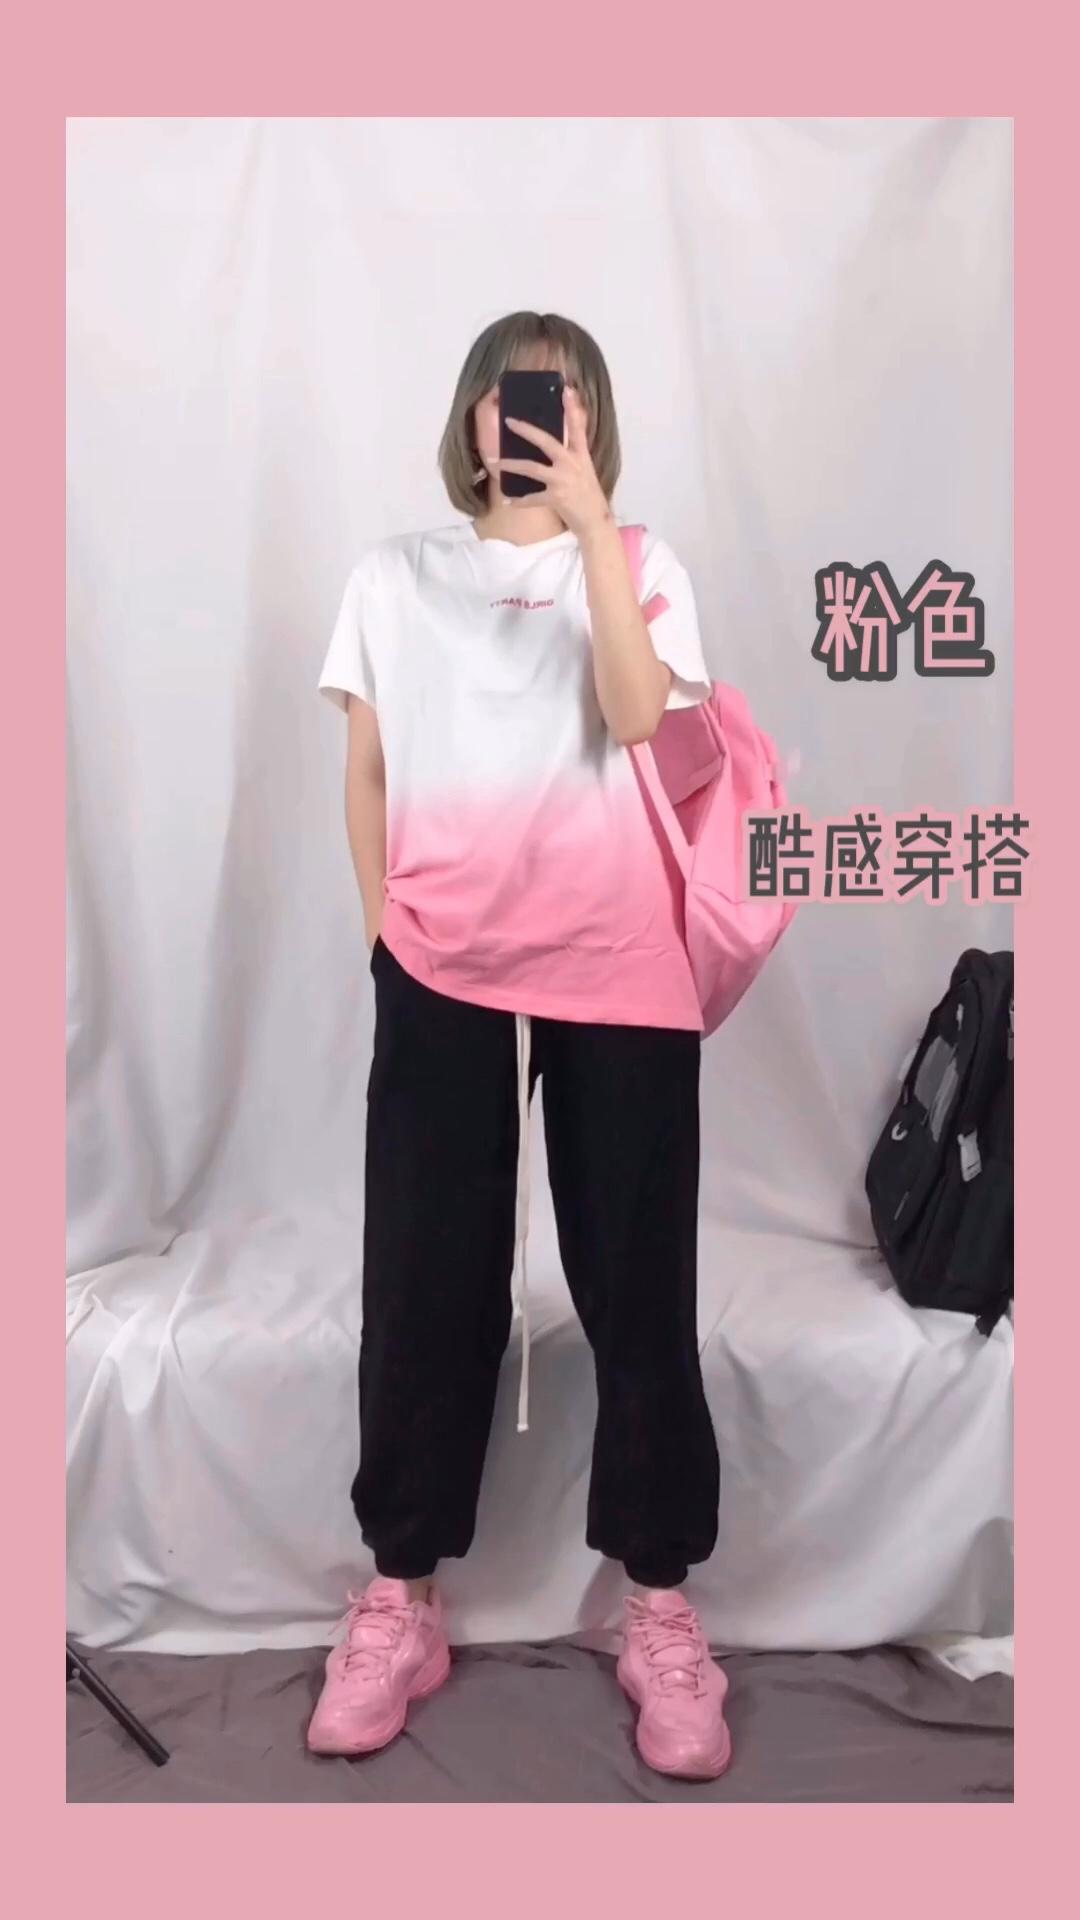 小王同学穿搭分享 谁说粉色一定是可爱的象征  明明也可以很酷啦  渐变T实在太好看了  搭配粉色书包和粉色老爹鞋  少女酷感有没有!#秋日身材穿搭解忧室#